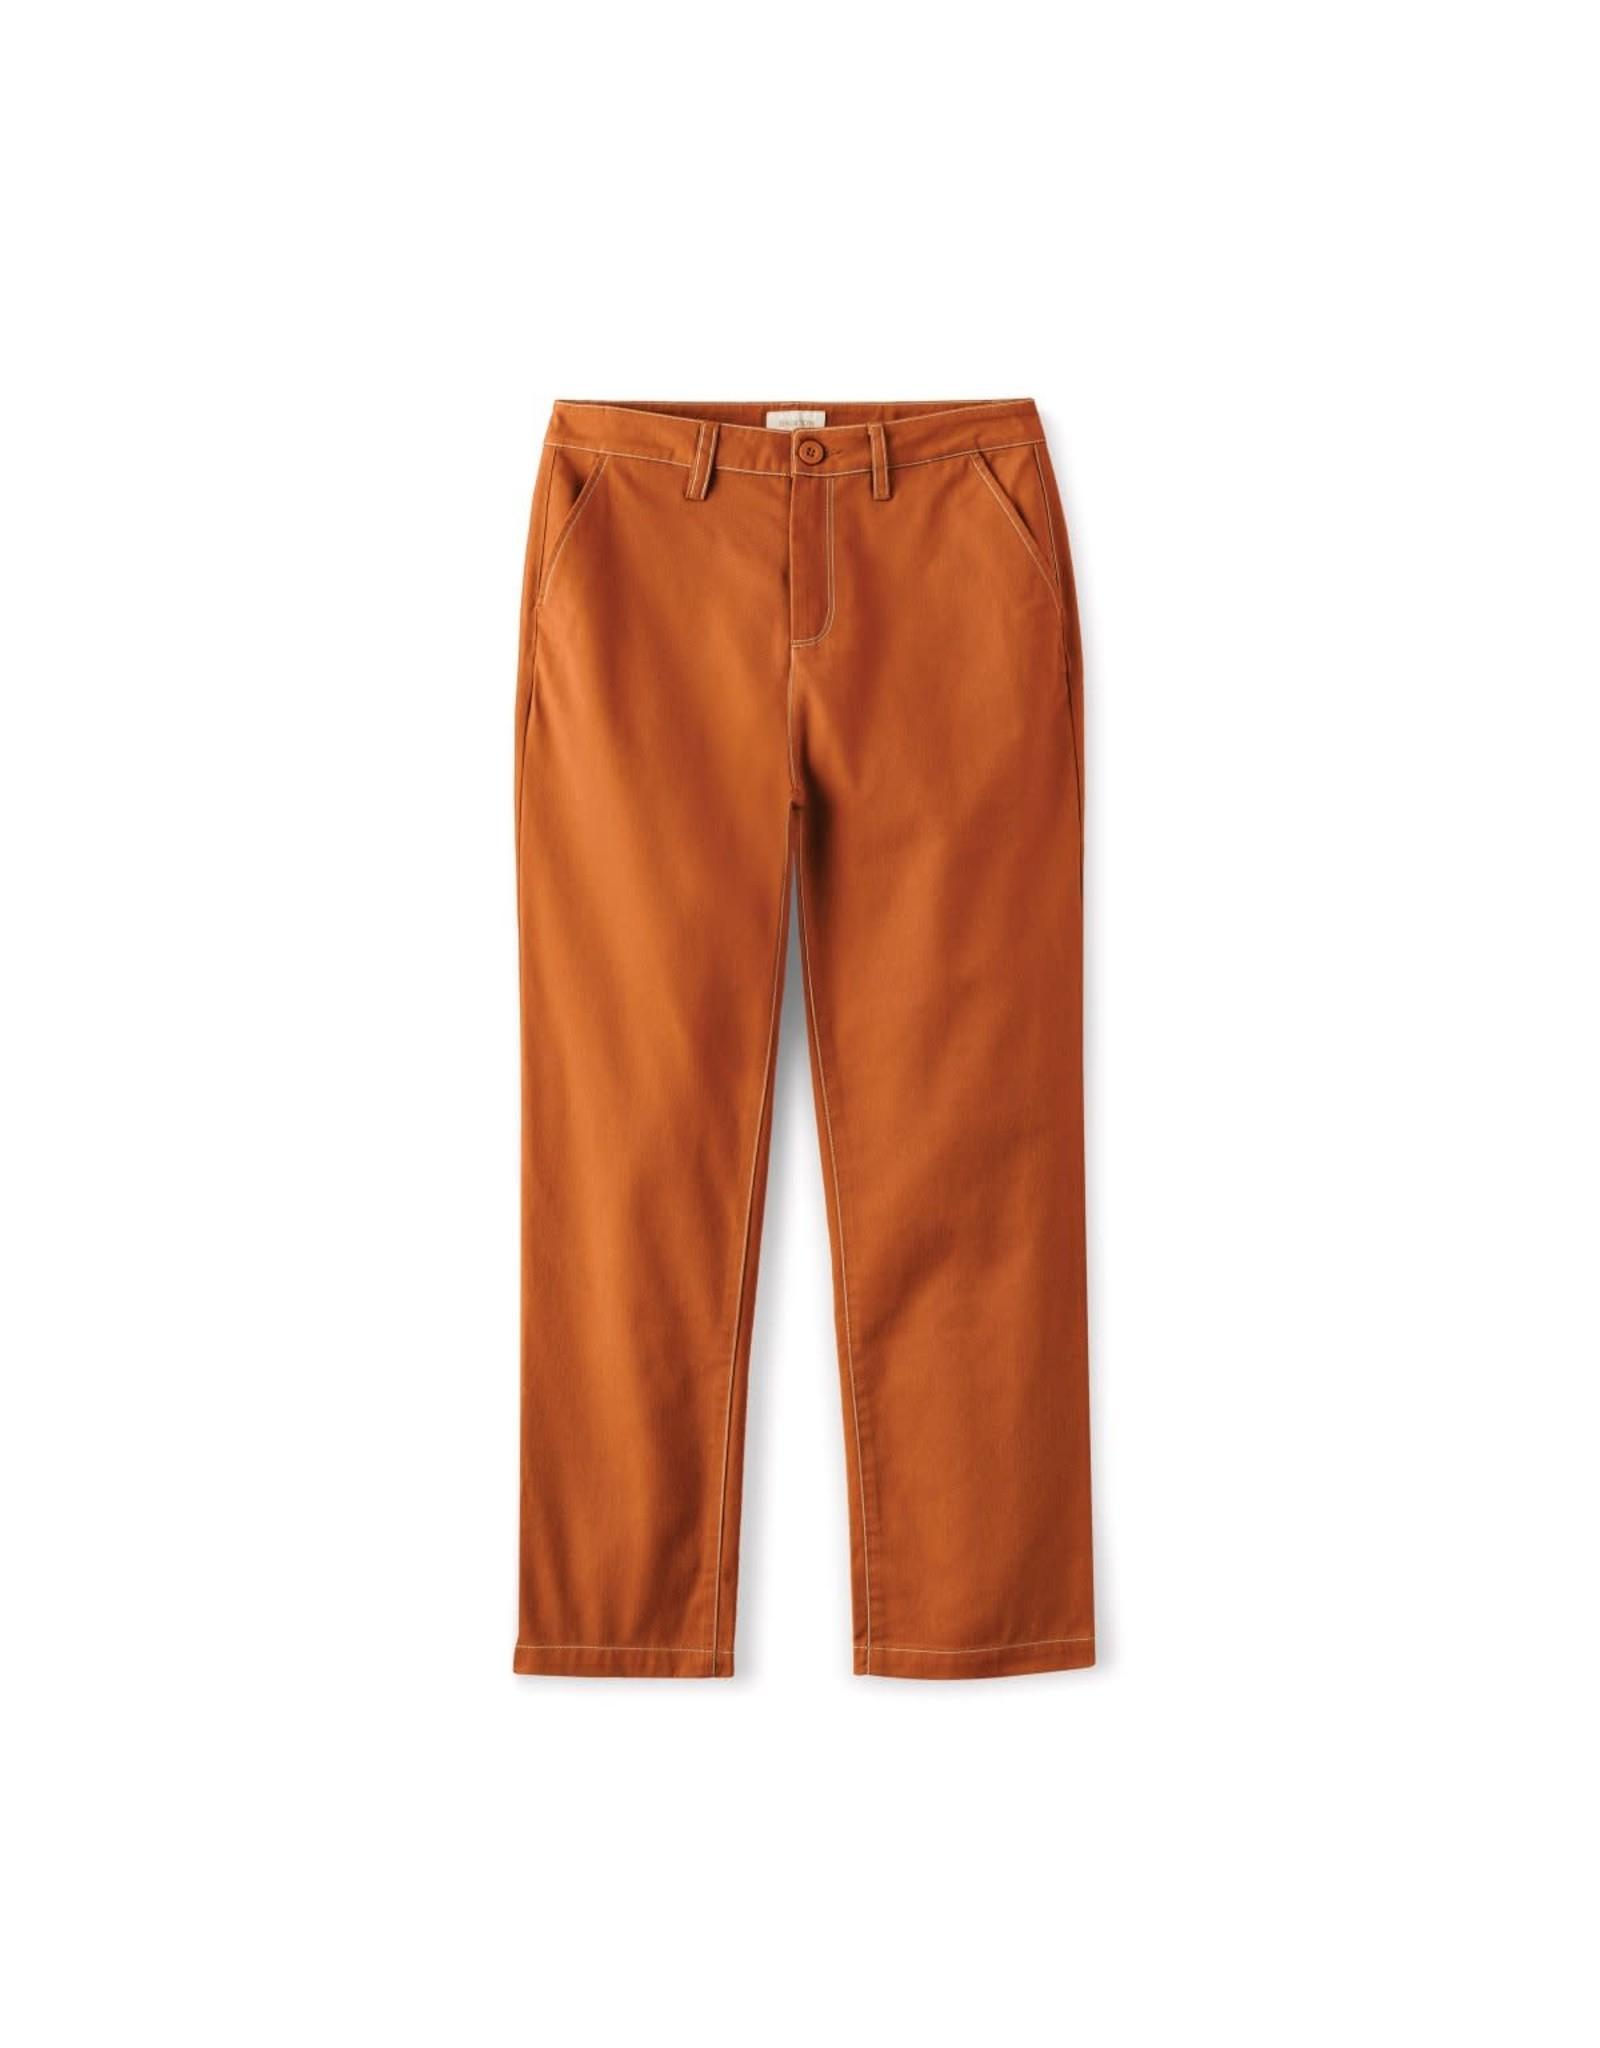 Brixton Brixton - Pantalon femme victory amber